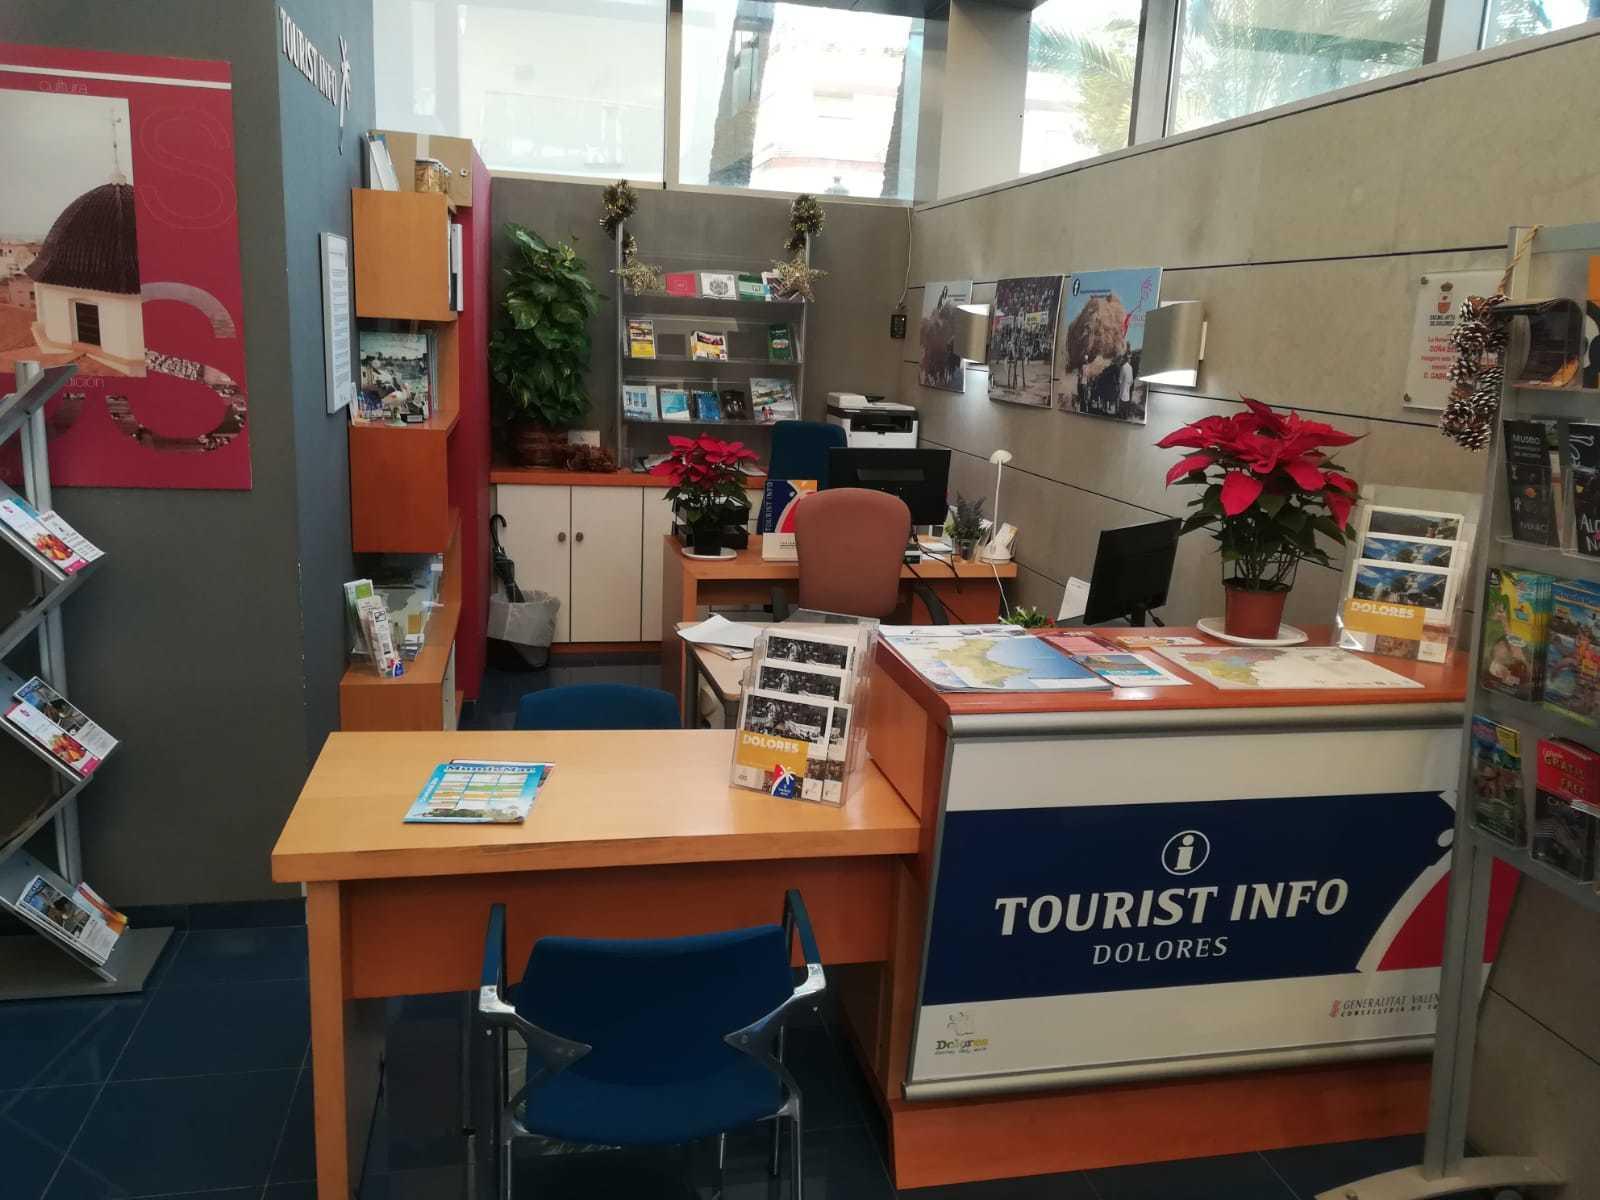 TOURIST INFO DOLORES